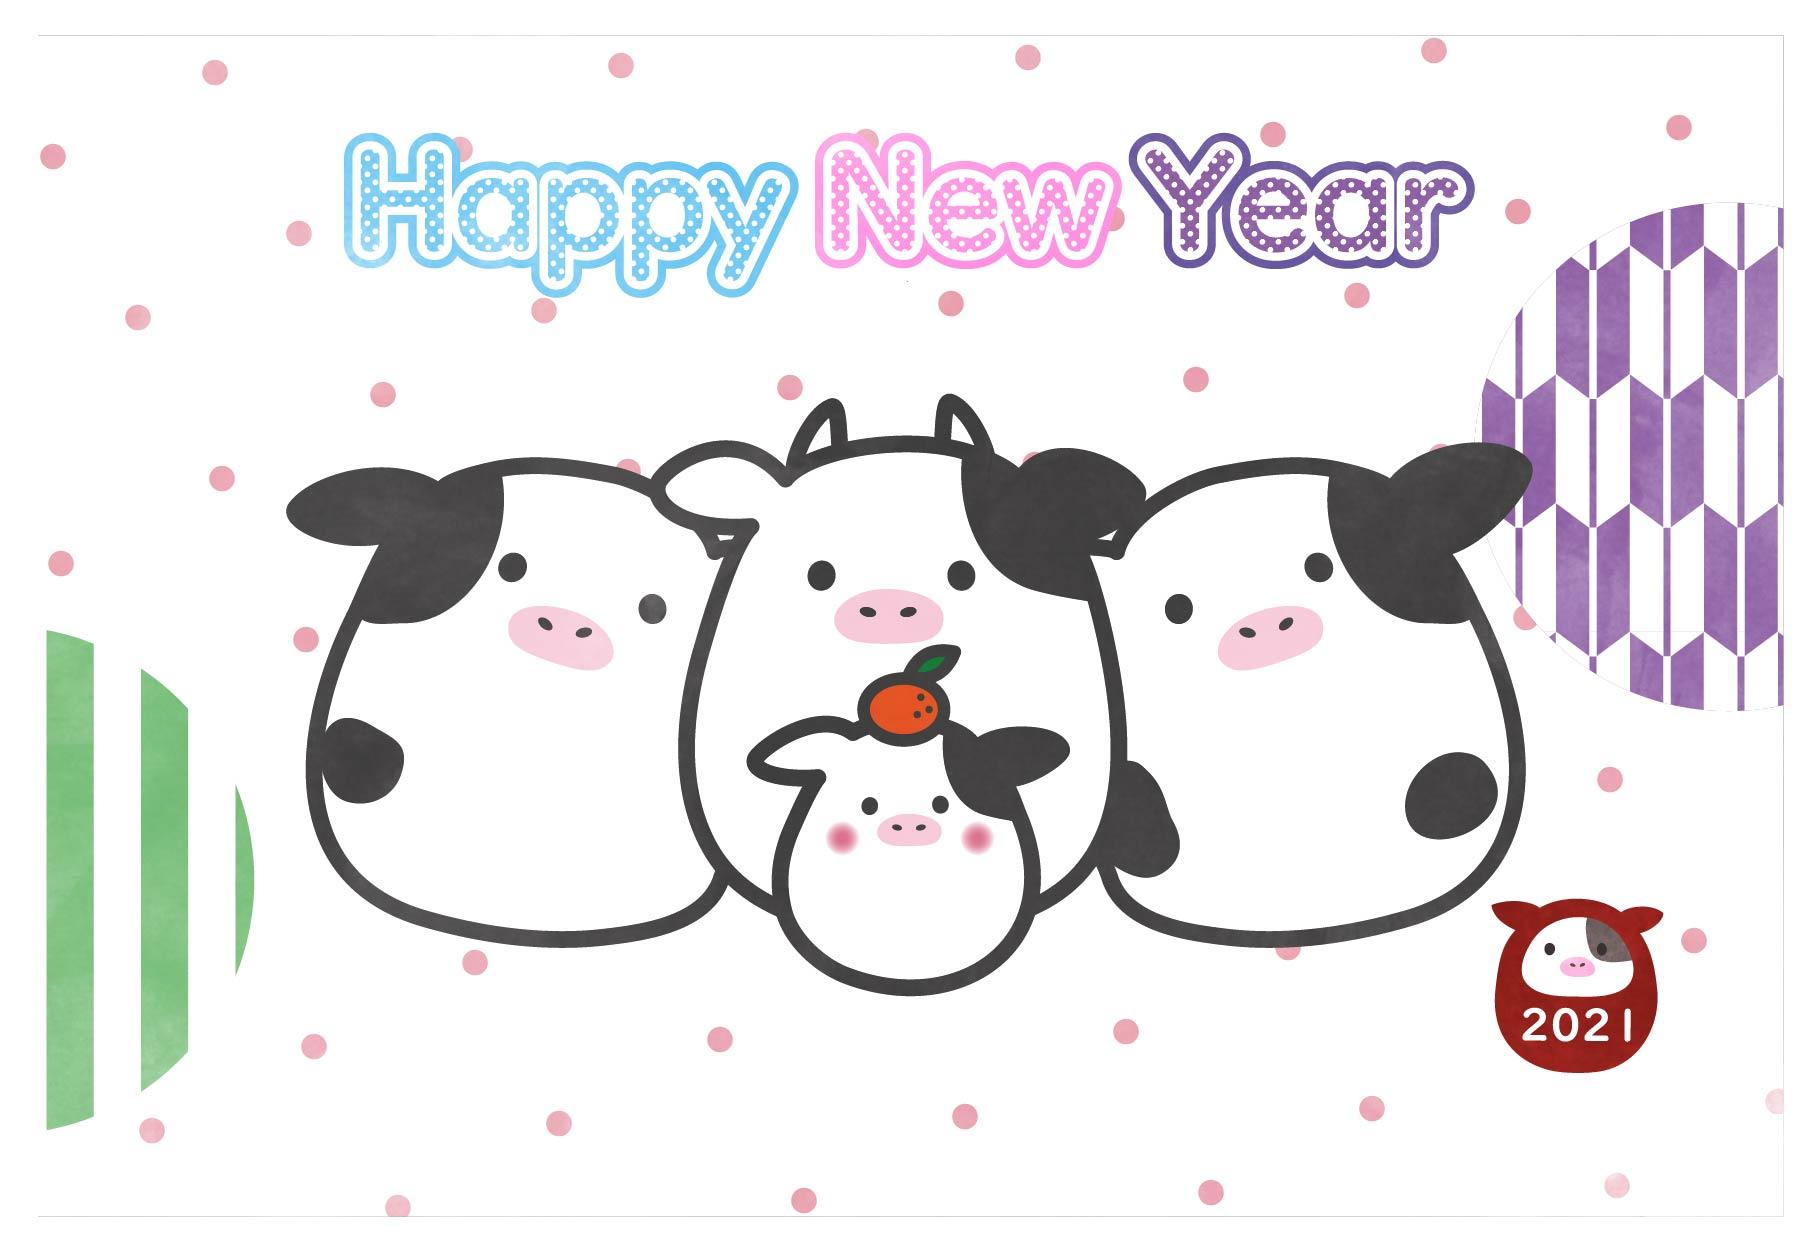 2021年の和柄!牛の親子&2021牛ダルマのかわいい年賀状テンプレート